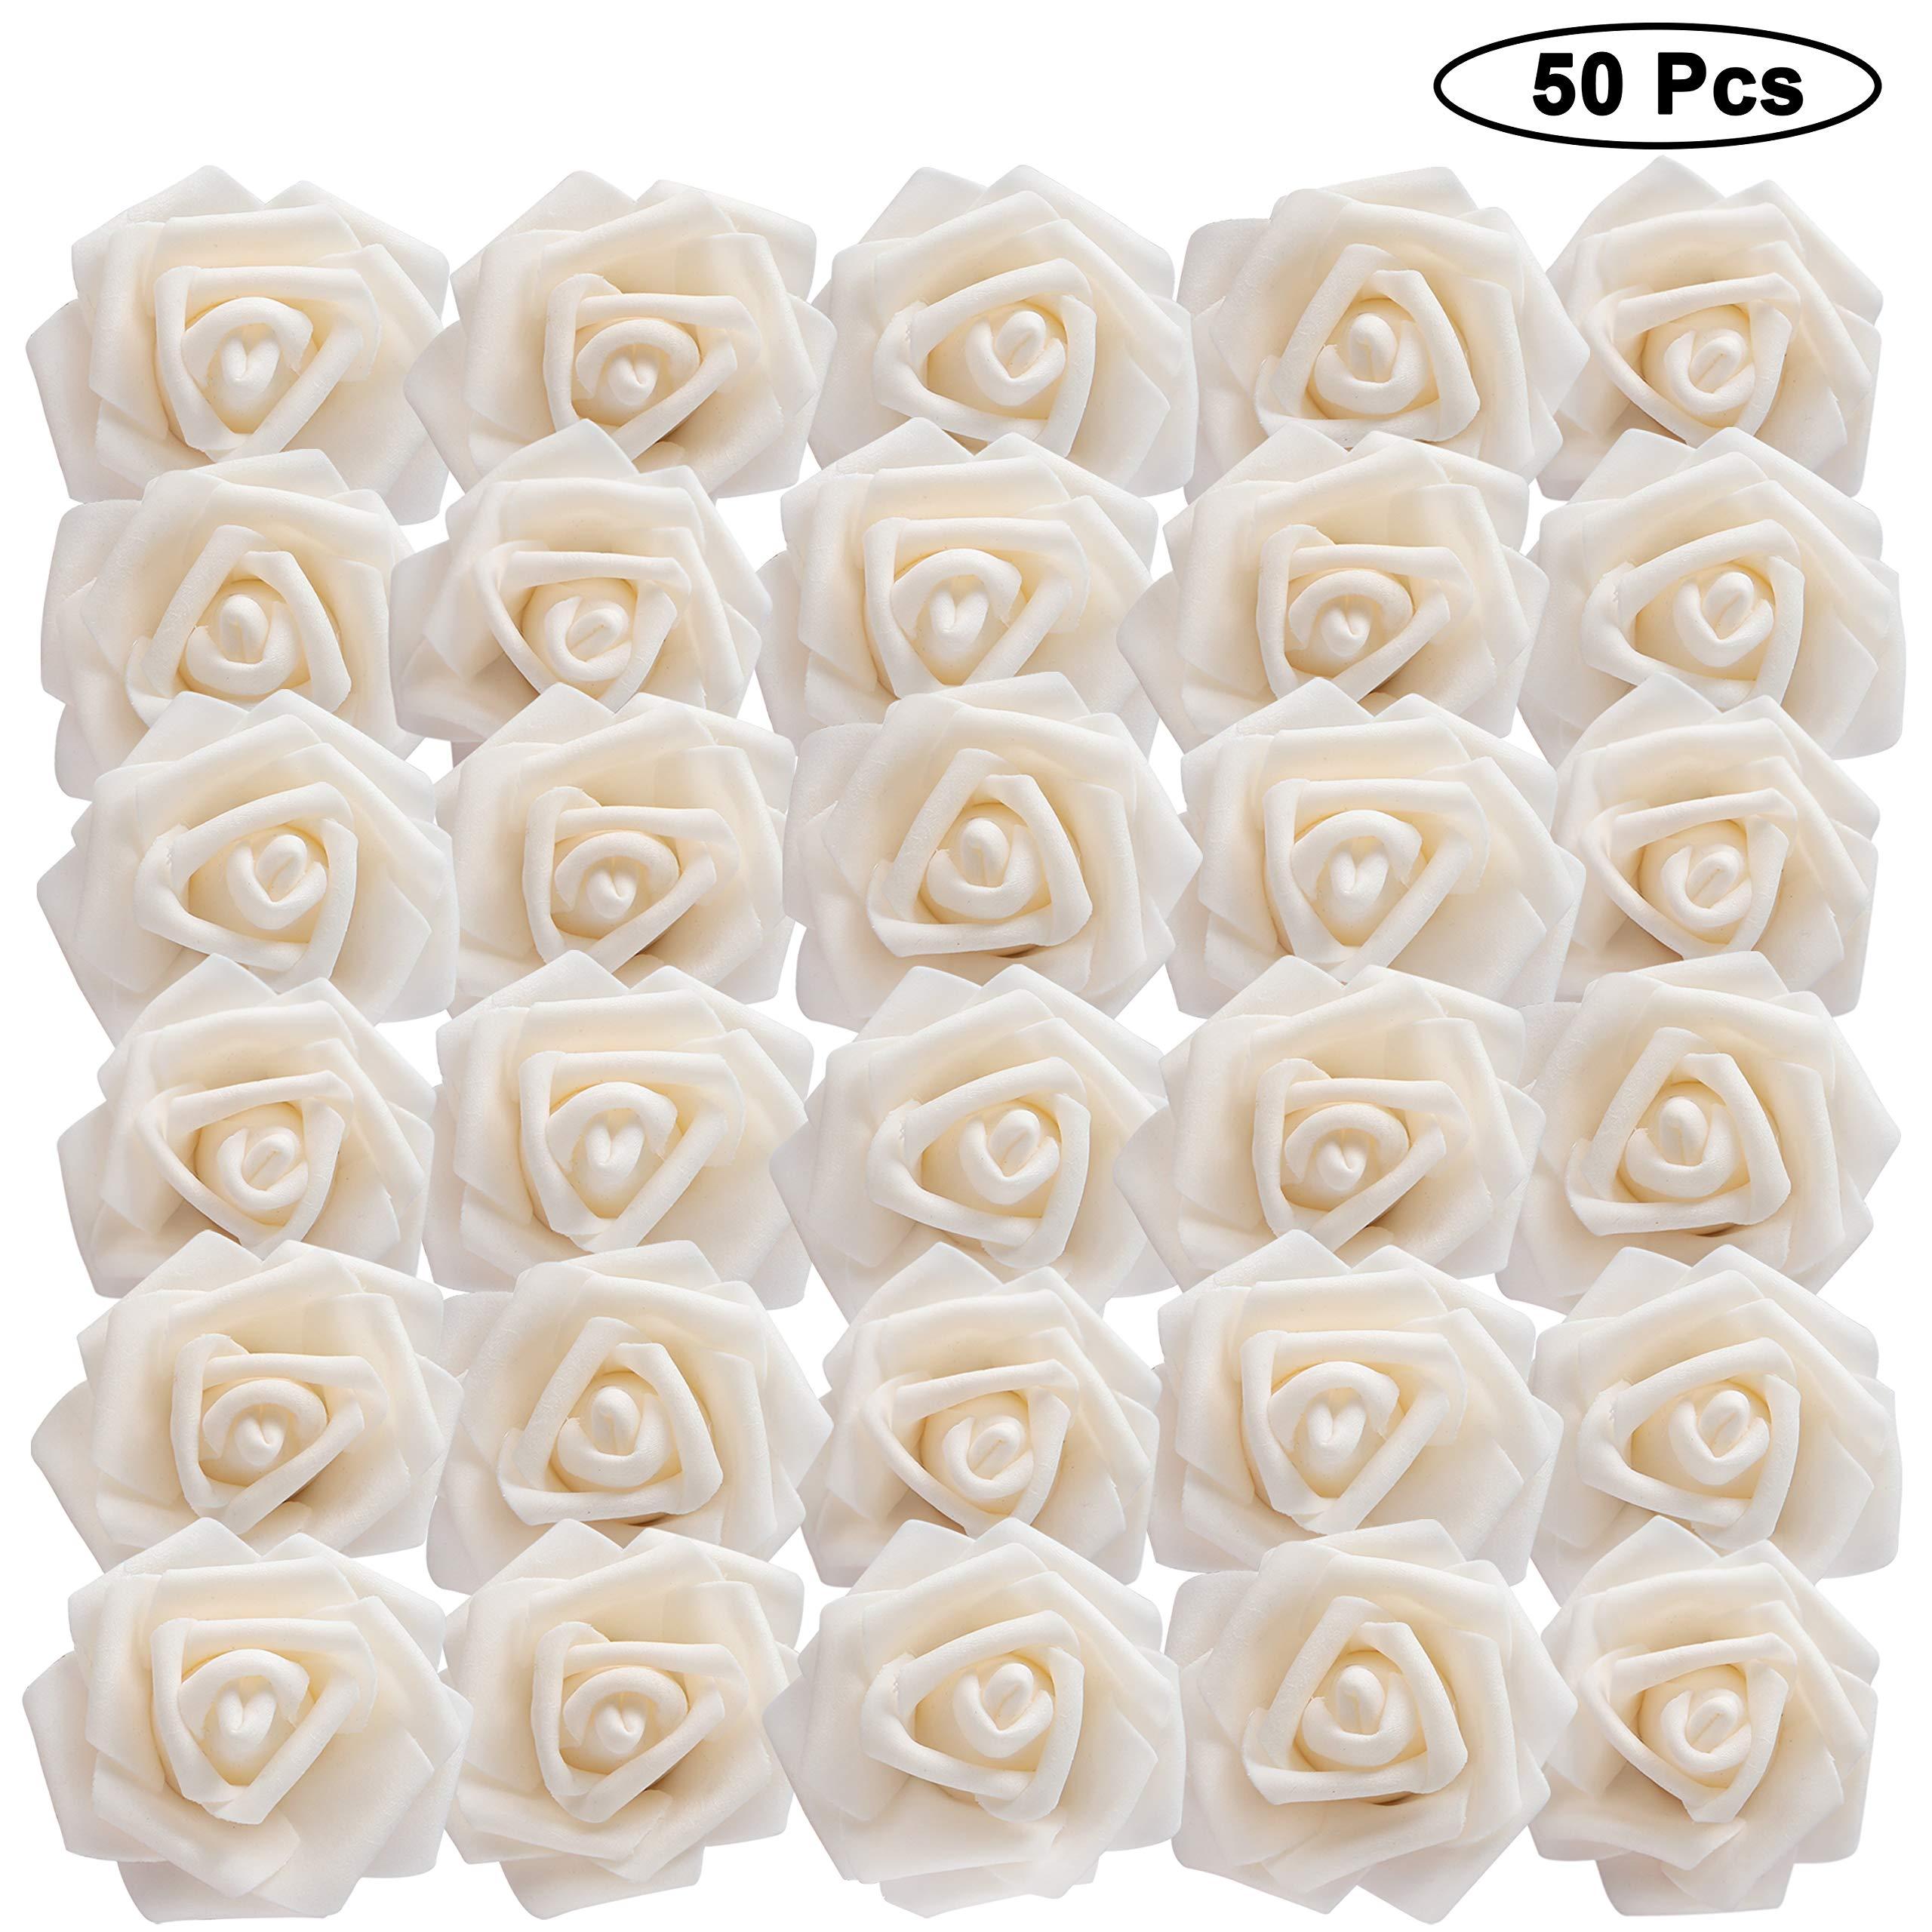 BELLE VOUS Flores Artificial (50 Pcs) – Espuma Rosas Artificiales de Aspecto Real con Vástago Ajustable Bricolaje Ramos Boda, Decoración para el Jardín Hogar, Nupciales, Centros de Mesa (Crema)